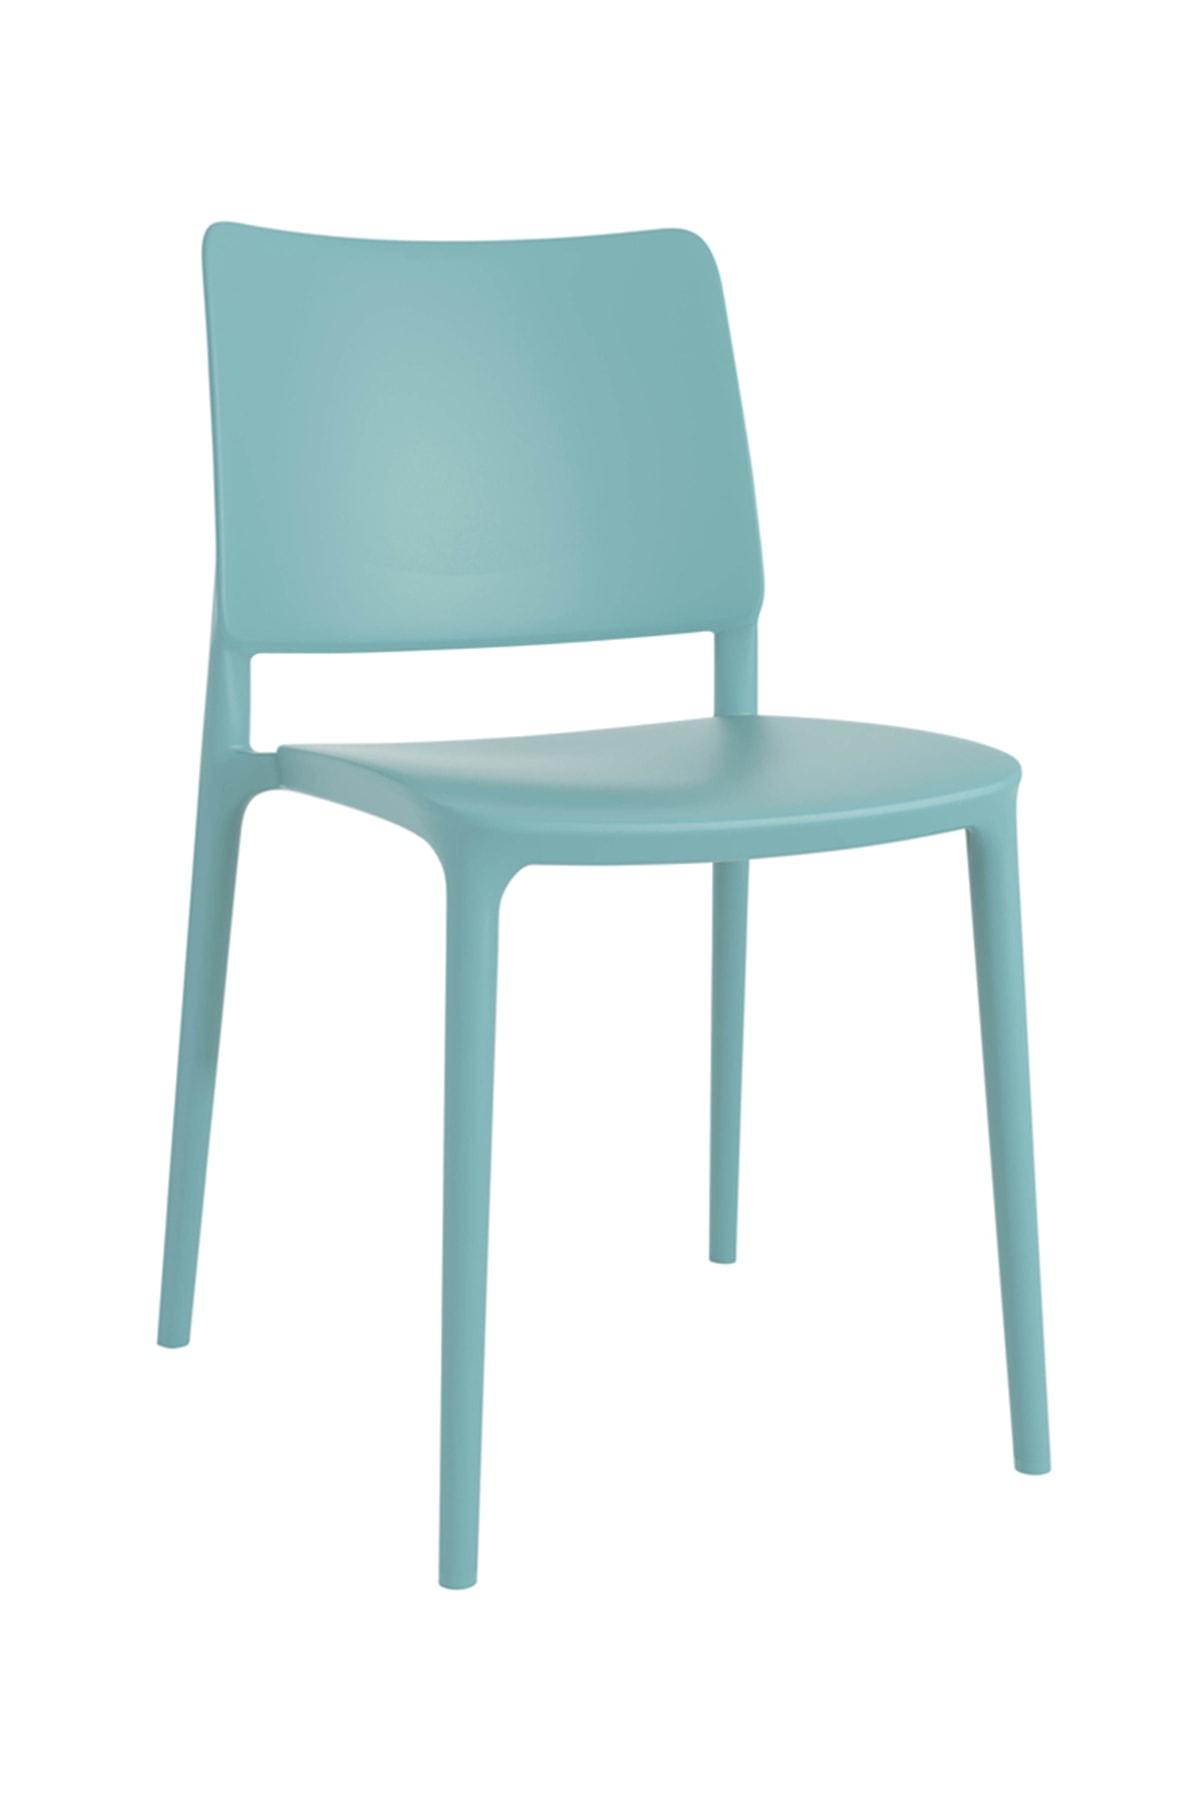 Papatya Joy Sandalye Turkuaz - Mutfak Sandalyesi - Kolçaksız